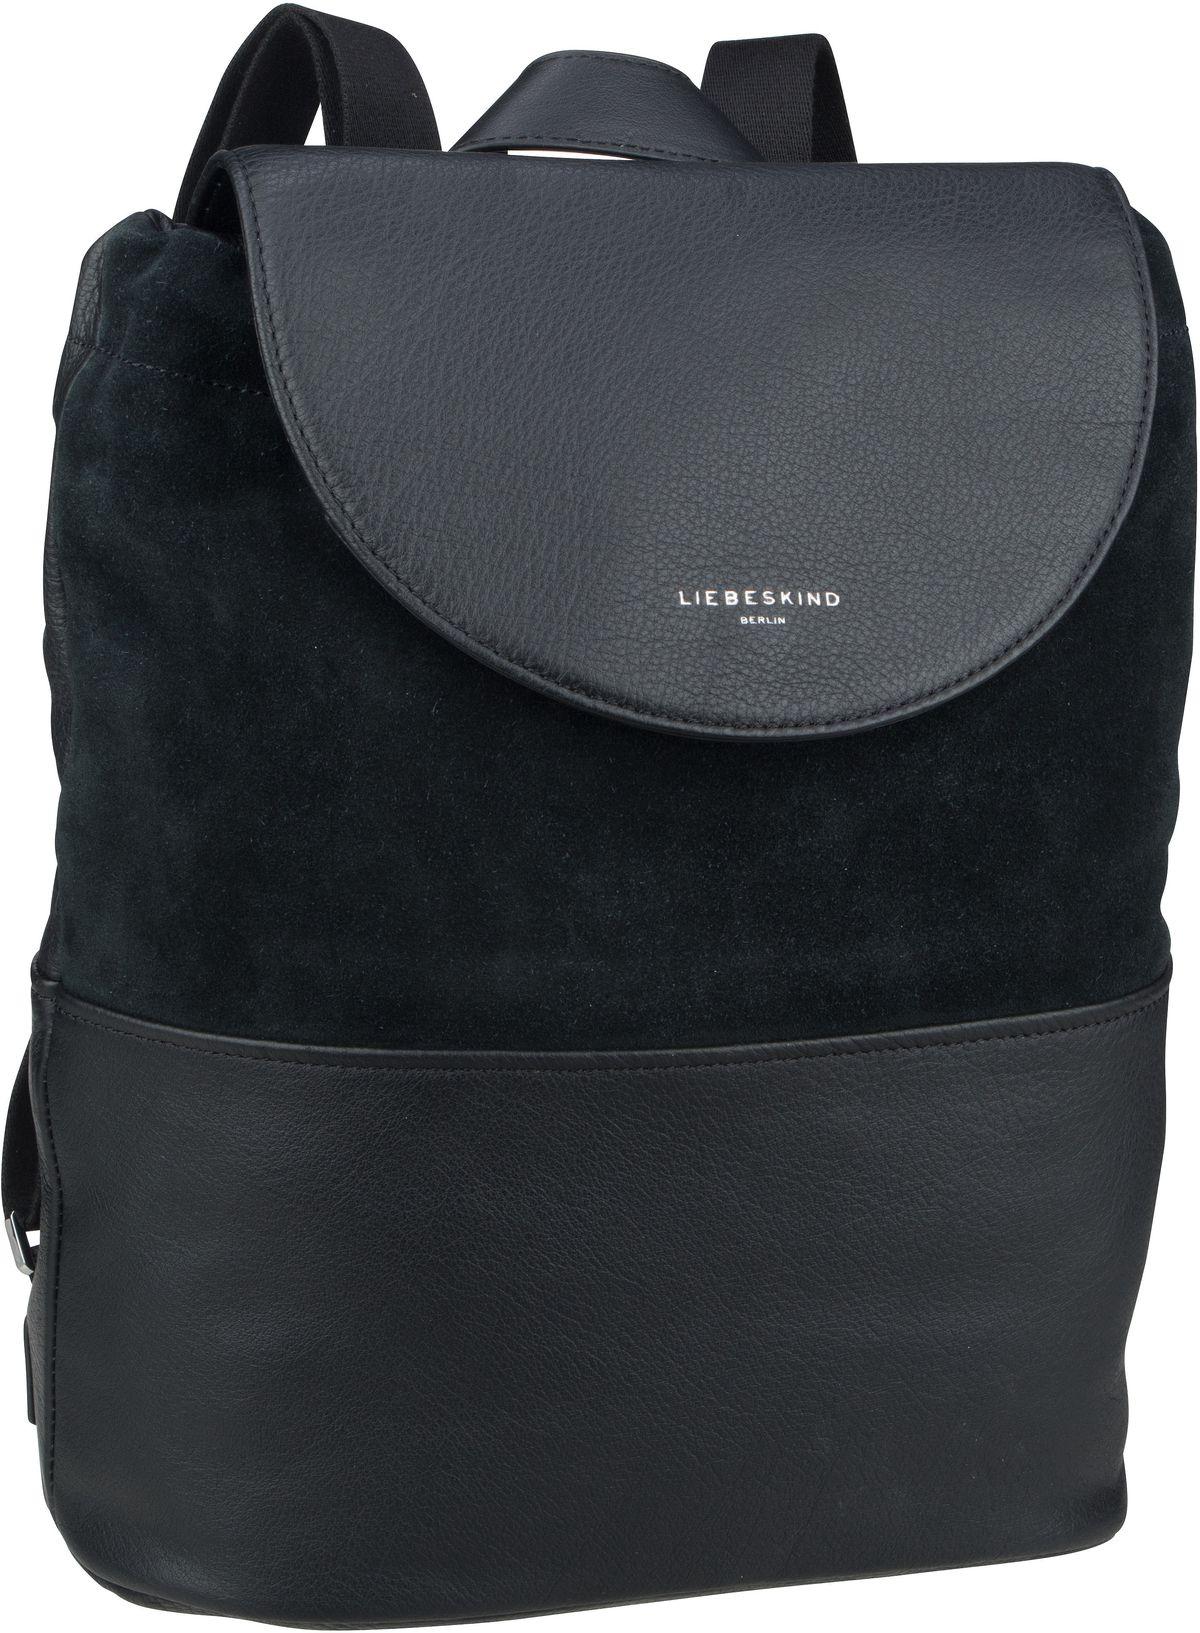 Berlin Rucksack / Daypack Upsidedown Backpack M Black